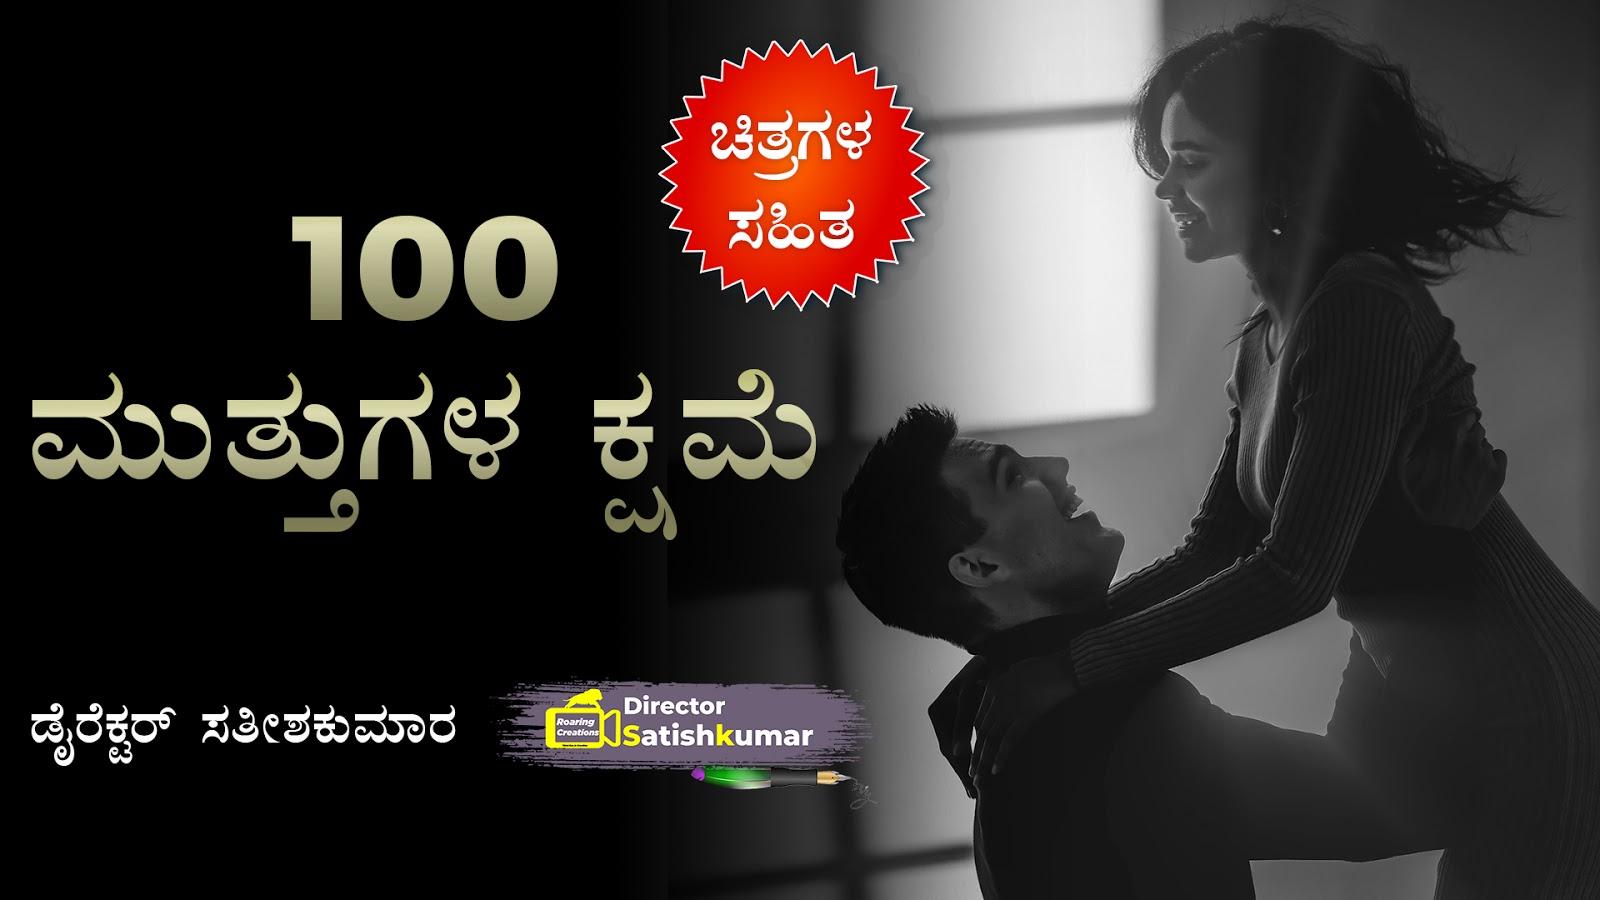 100 ಮುತ್ತುಗಳ ಕ್ಷಮೆ : Romantic Love Story in Kannada